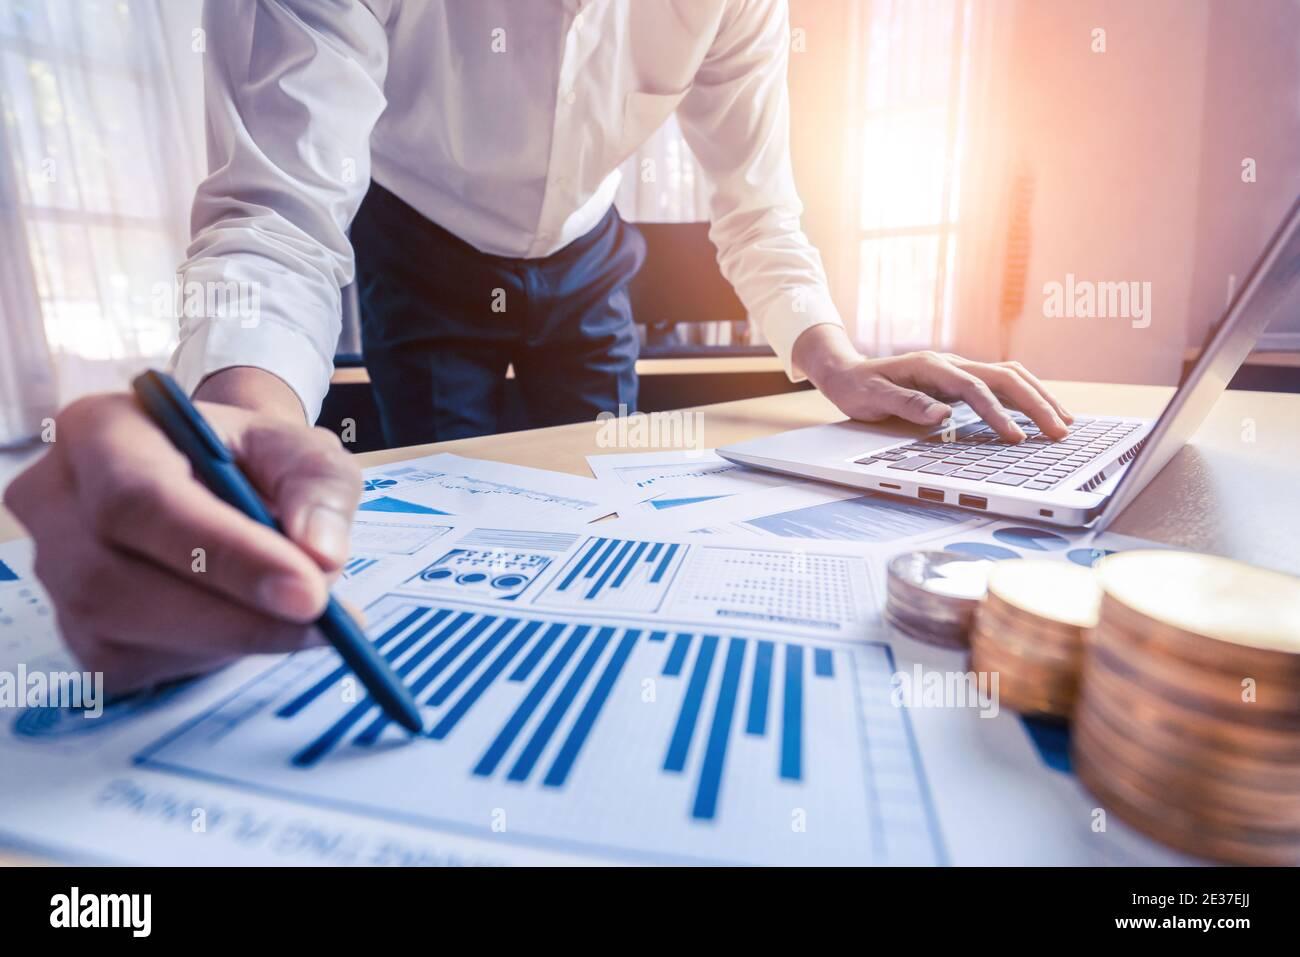 El contador de negocios o el experto financiero analizan el gráfico de informes de negocios y el gráfico de finanzas en la oficina corporativa. Concepto de economía financiera, banca Foto de stock